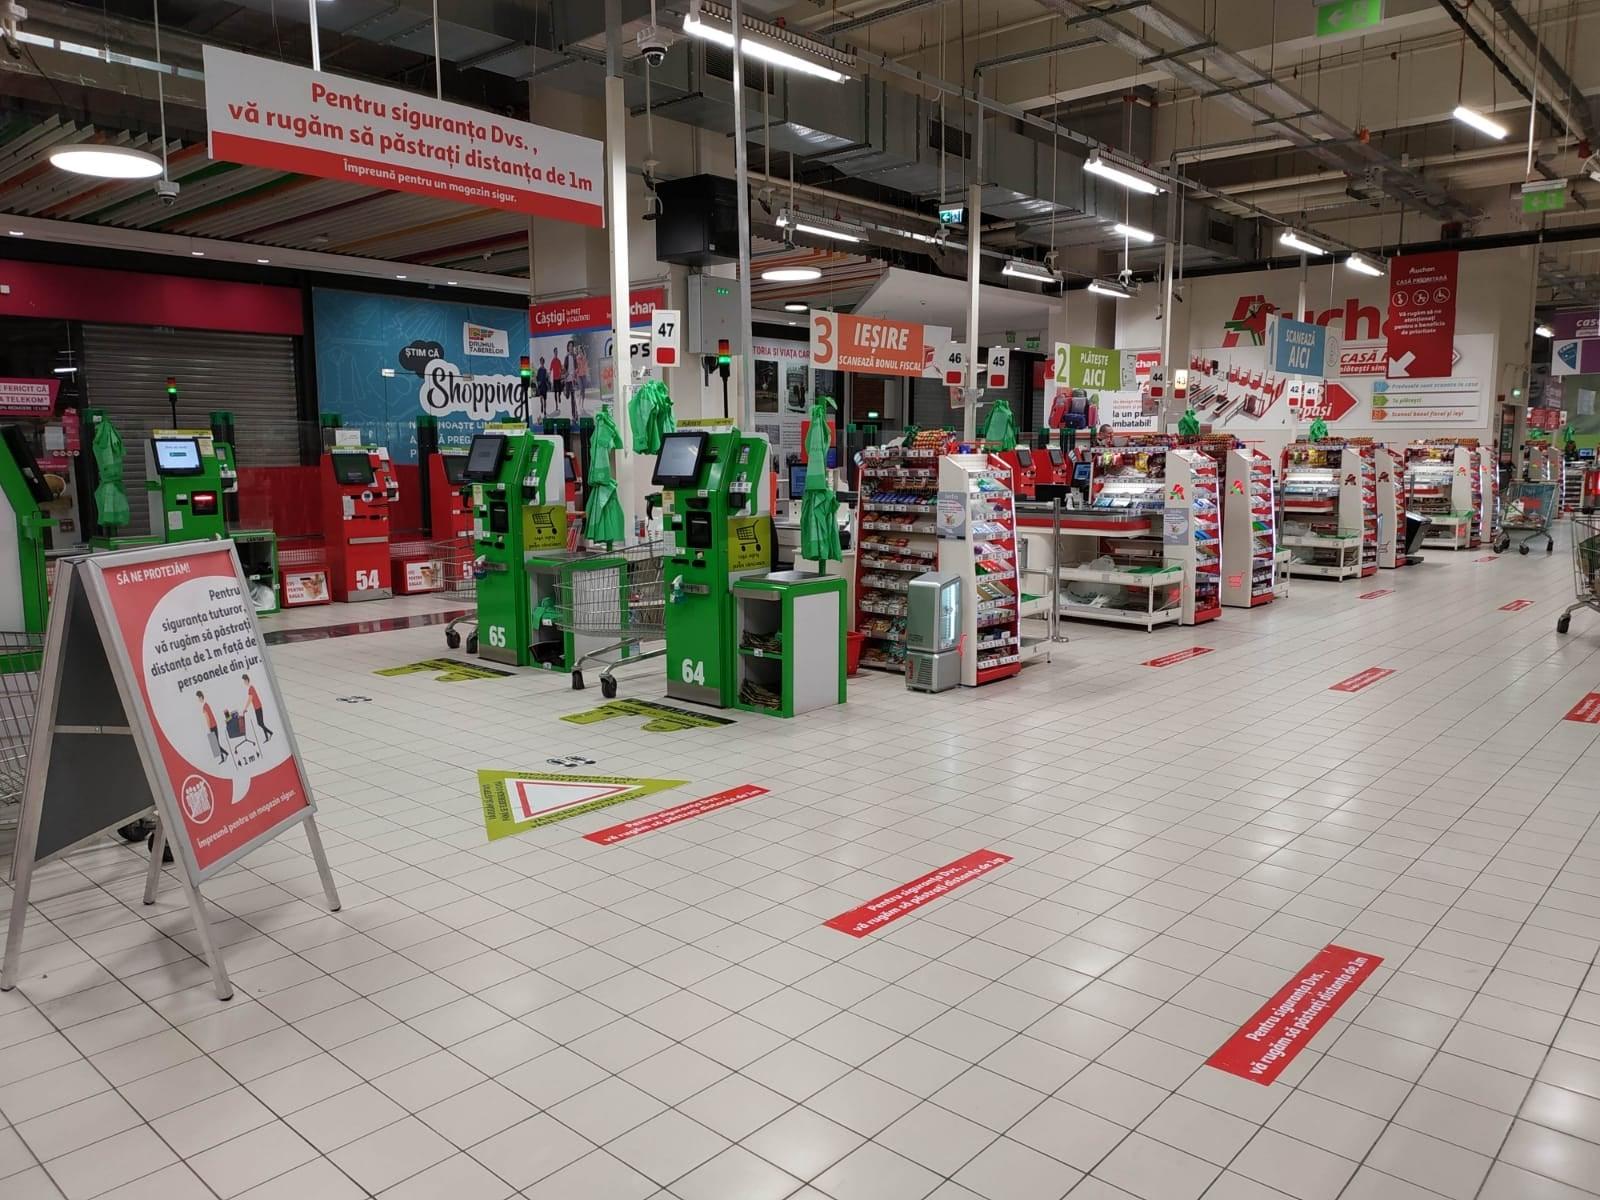 Coronavirus | Magazinele Auchan trec pe un program de funcționare zilnică 8.00-21.00 și suspendă transportul gratuit maxi-taxi pentru clienți pe toate rutele